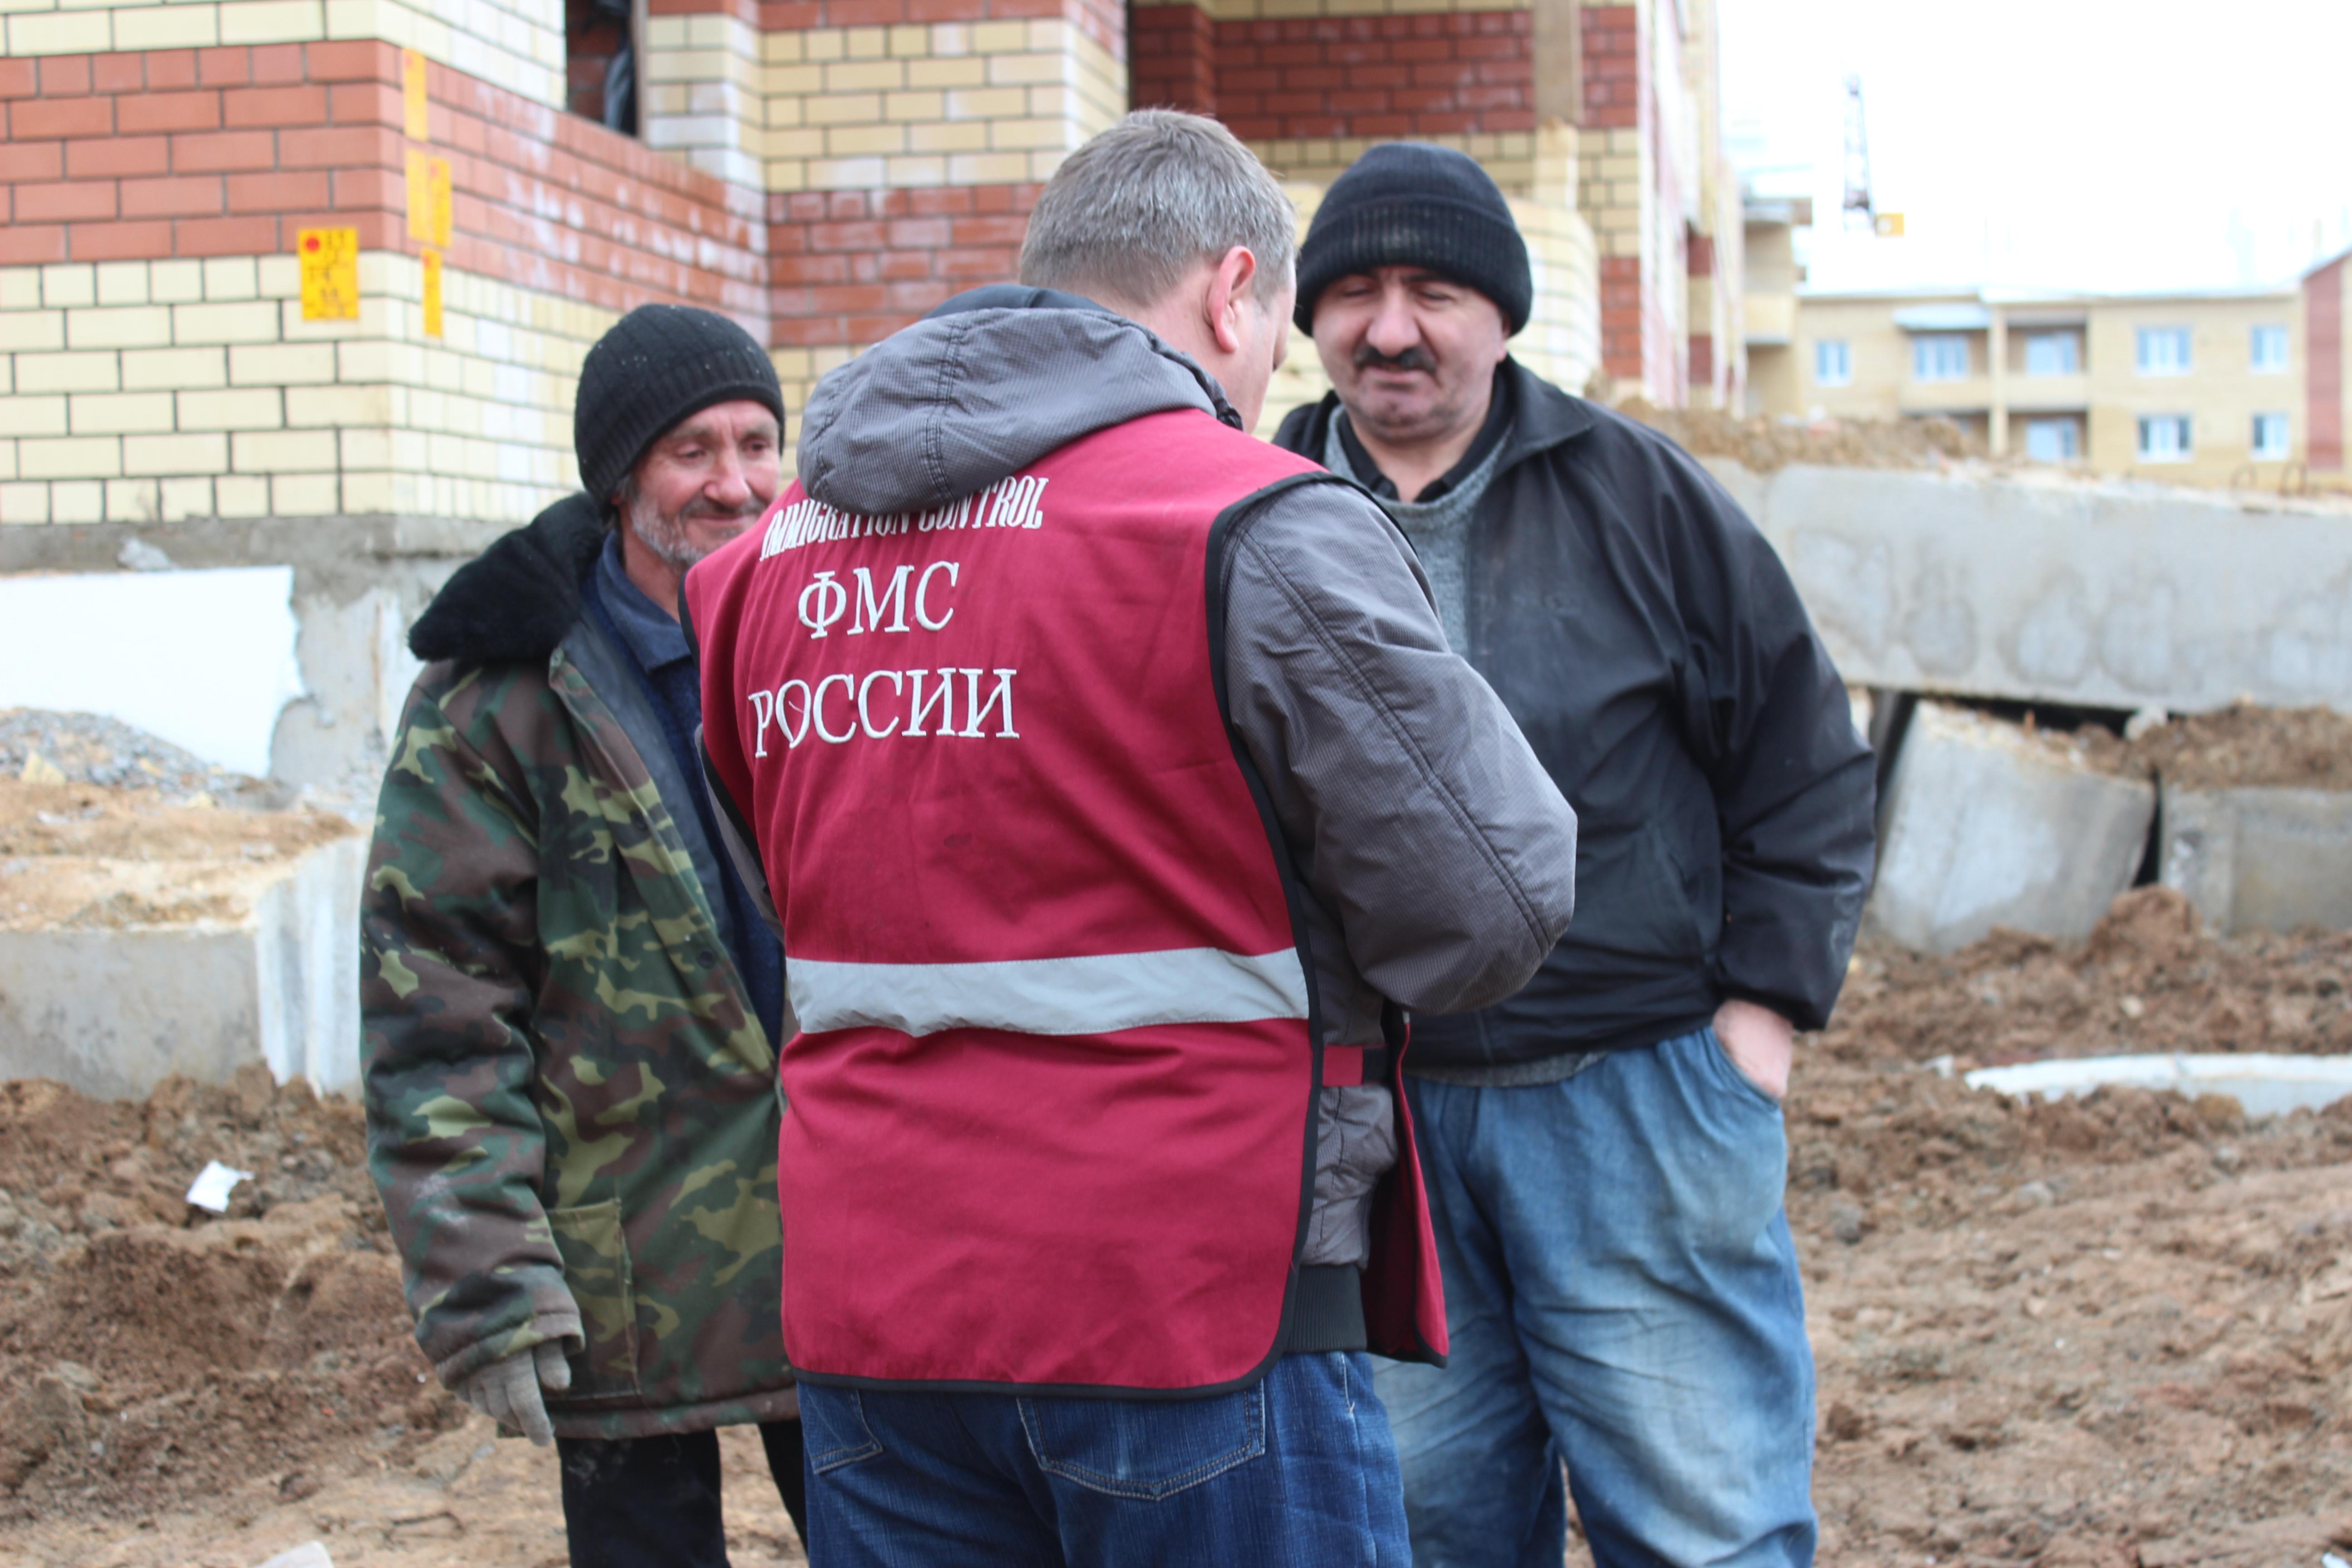 Более десятка нелегальных мигрантов нашли в Вологде за два дня